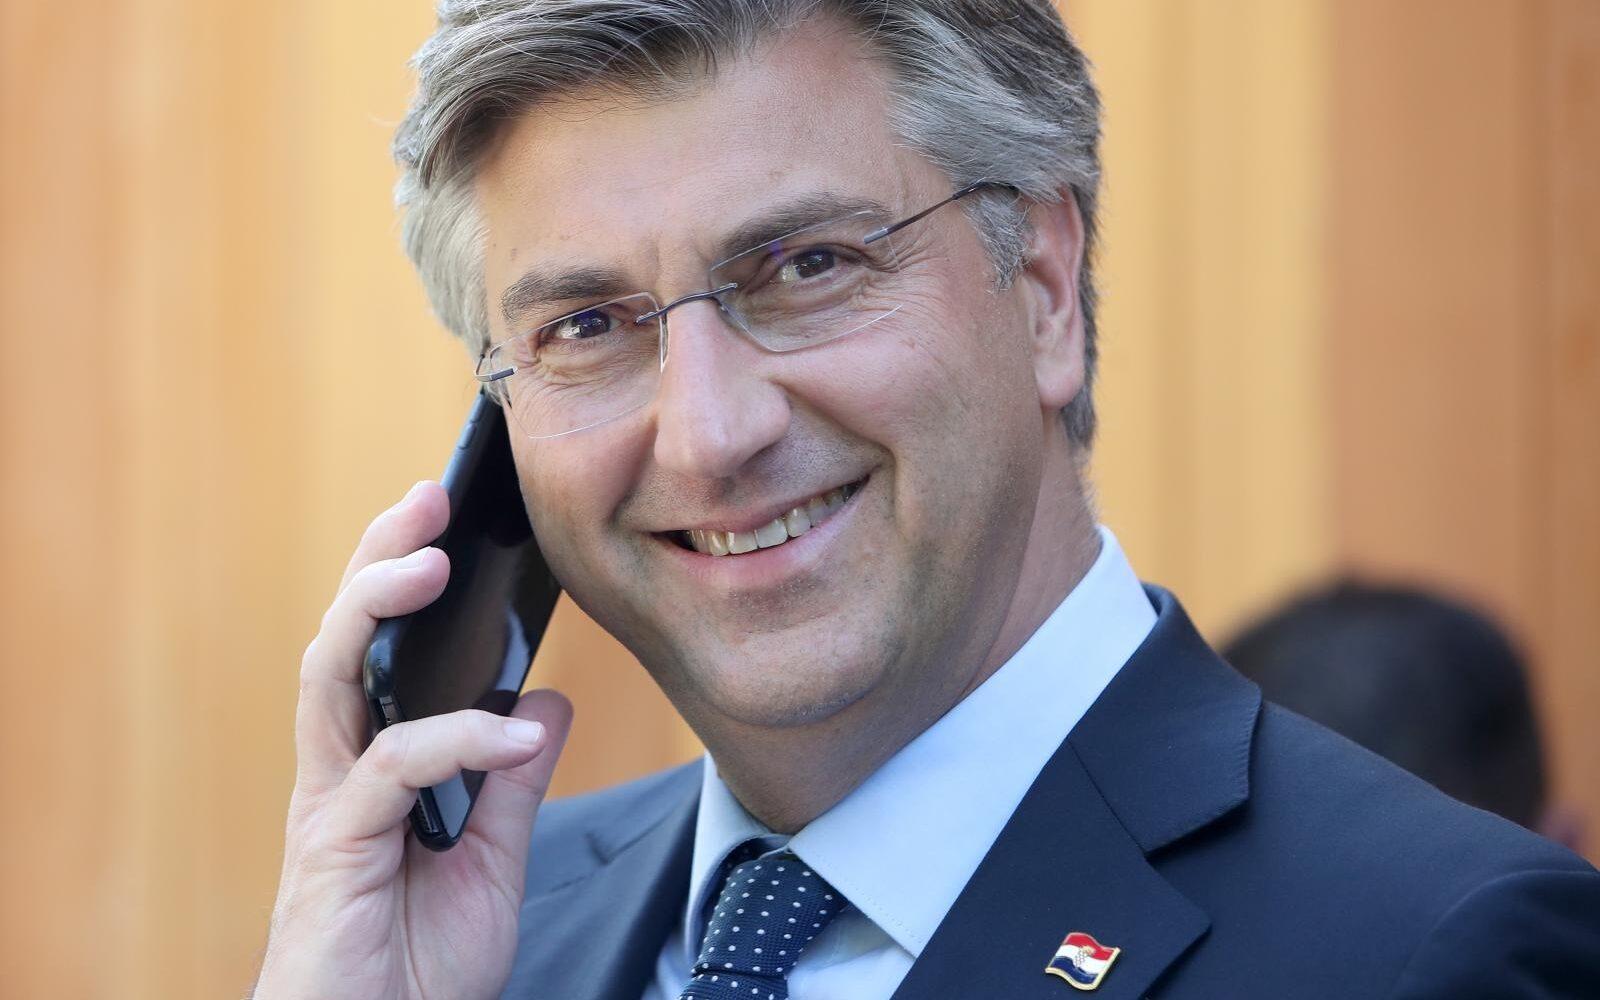 Plenković: Planiramo dići prosječnu plaću na 7.600 kuna i otvoriti 100.000  novih radnih mjesta - Poslovni dnevnik